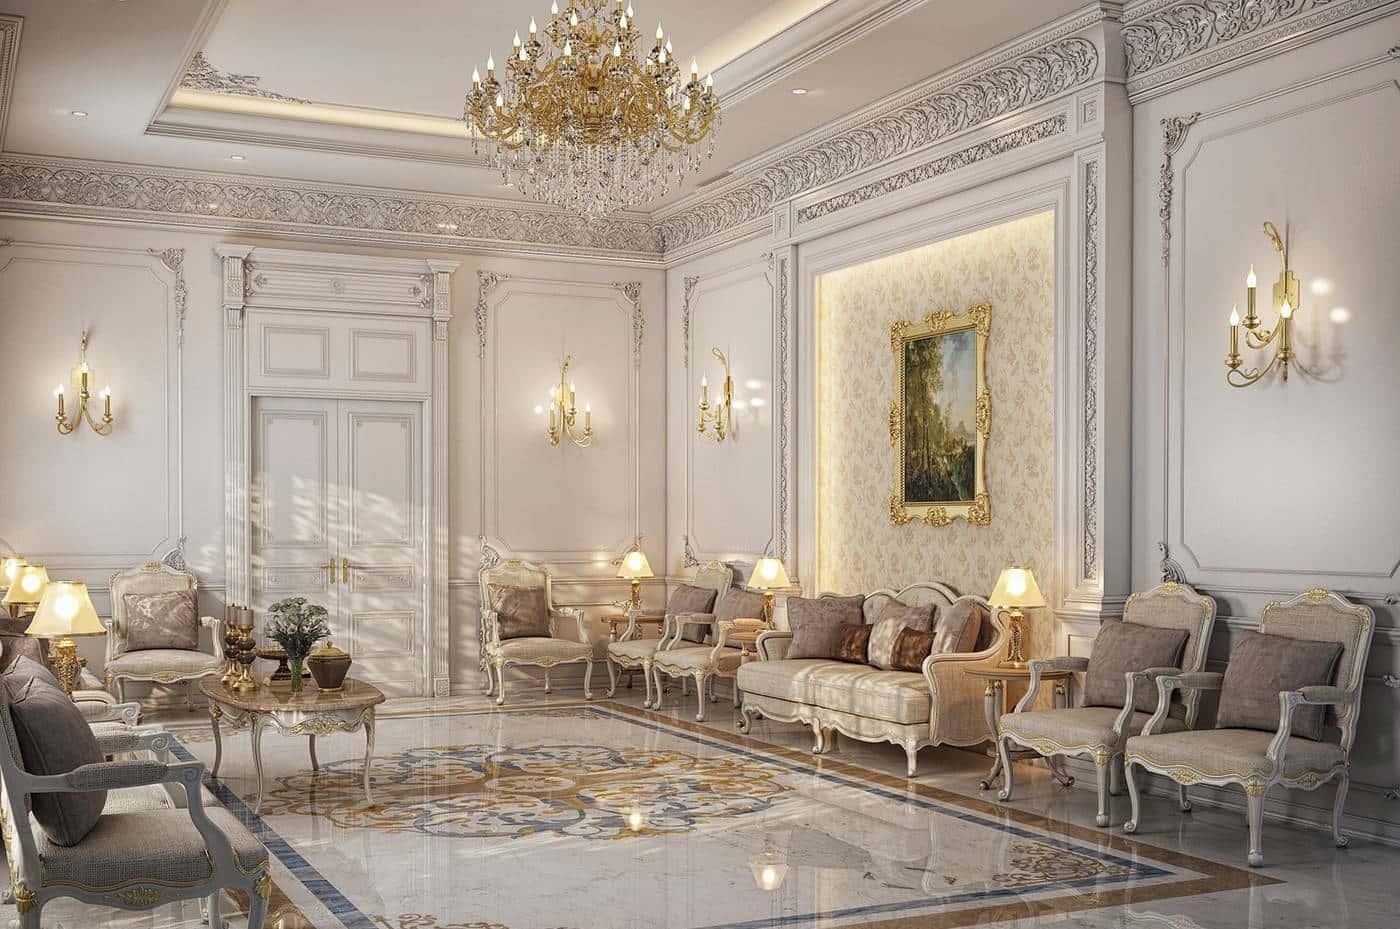 проект роскошного элитного освещения итальянская классика хрустальные люстры элегантный классический стиль люстры на заказ виллы пентхауса апартаменты